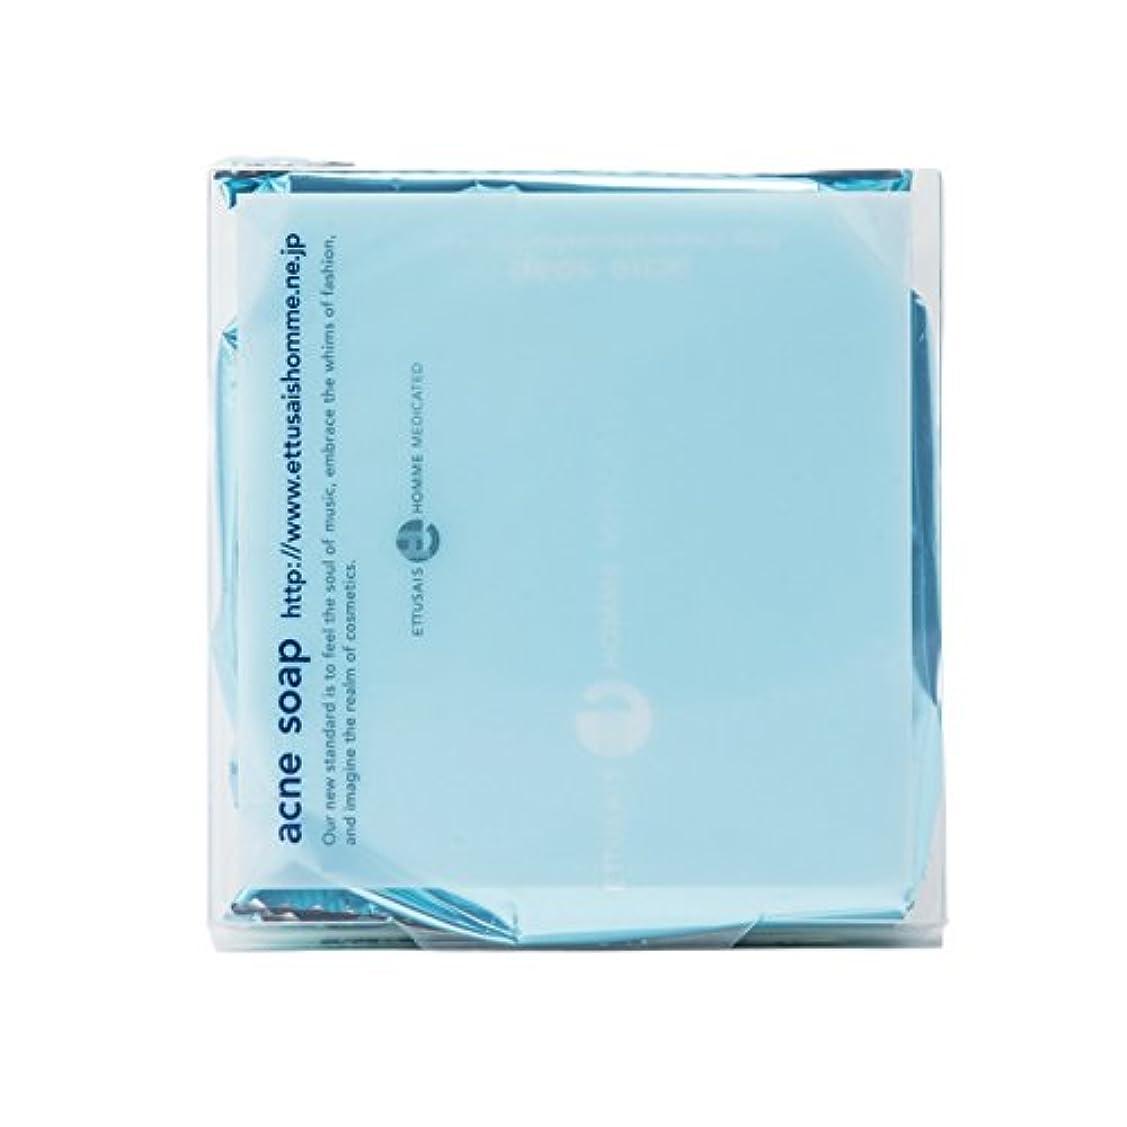 流体変位滑り台[医薬部外品] エテュセ オム 薬用アクネ ソープ 薬用石けん 100g